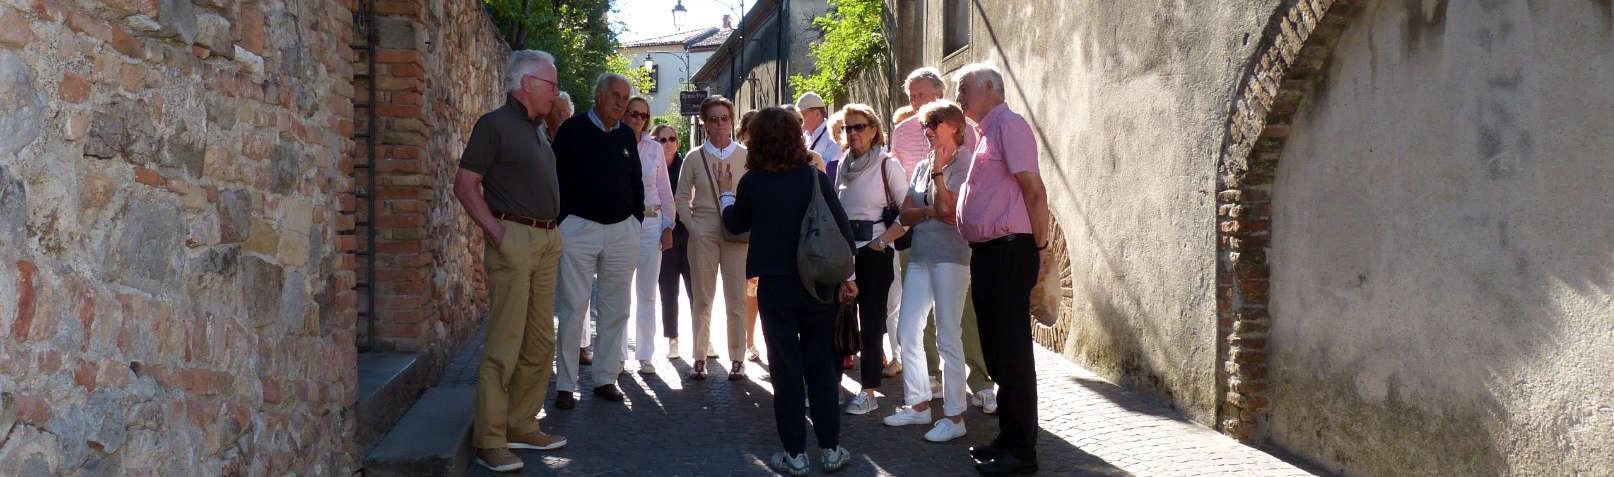 Tour Venise visite guidée